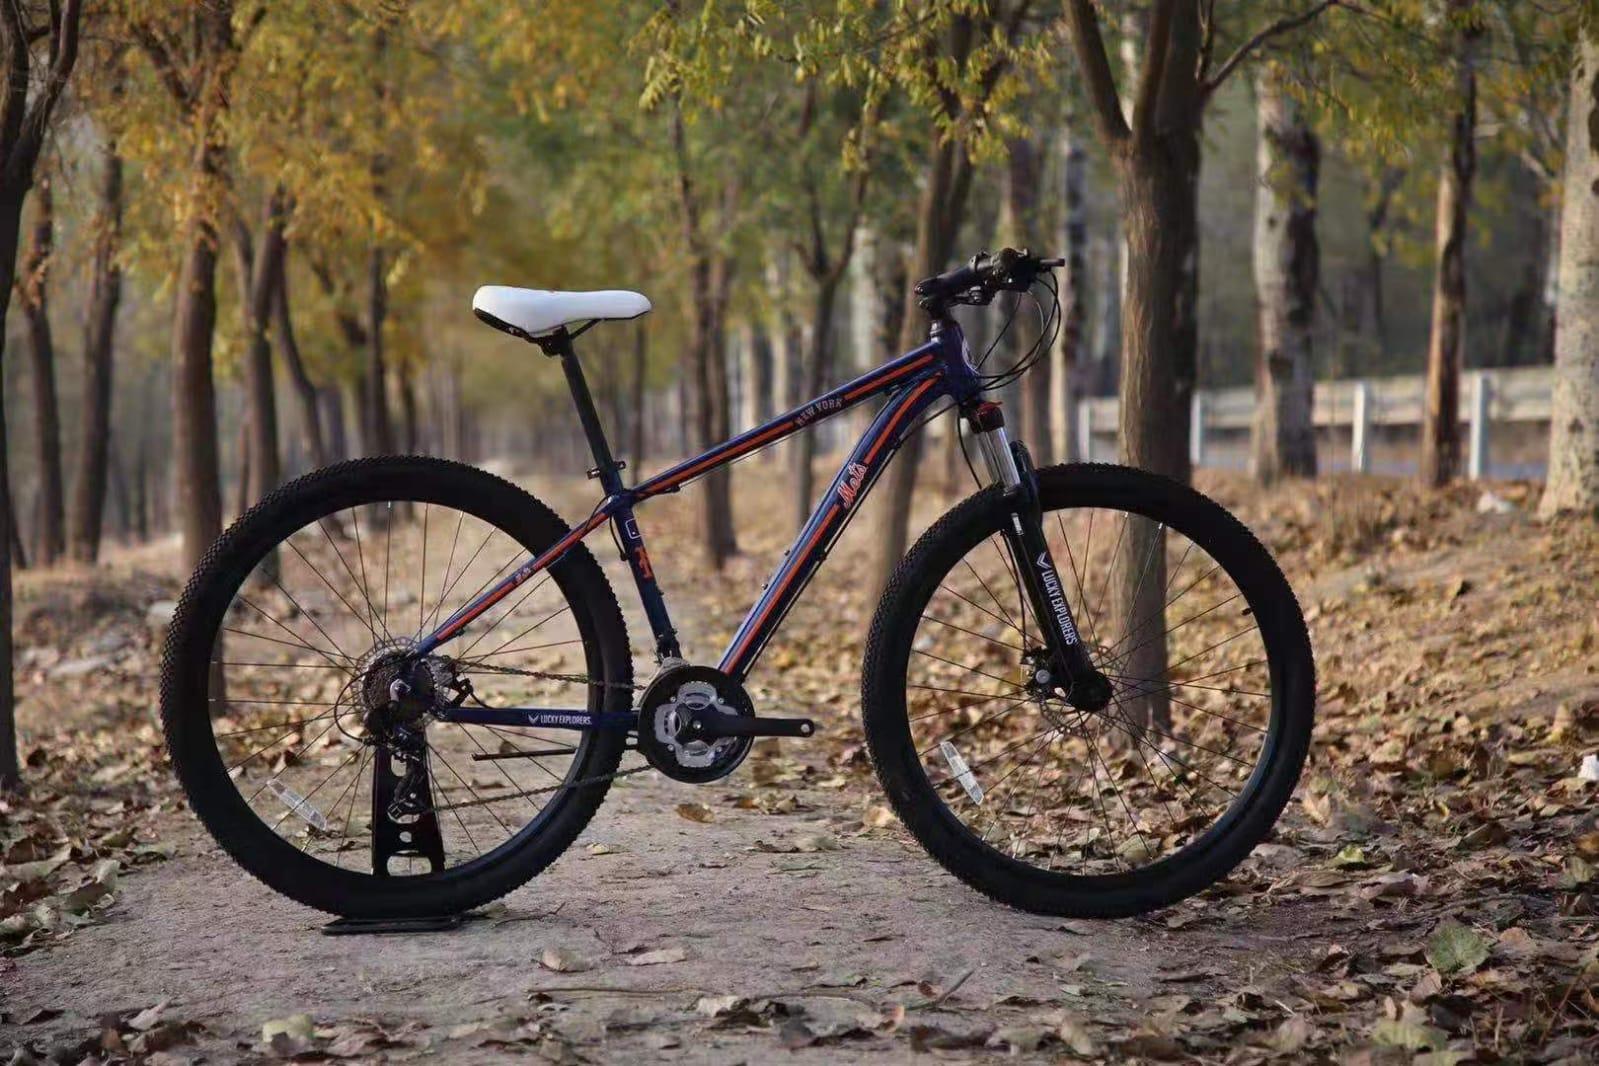 אופני הרים 29 אינצ דיסק מכני